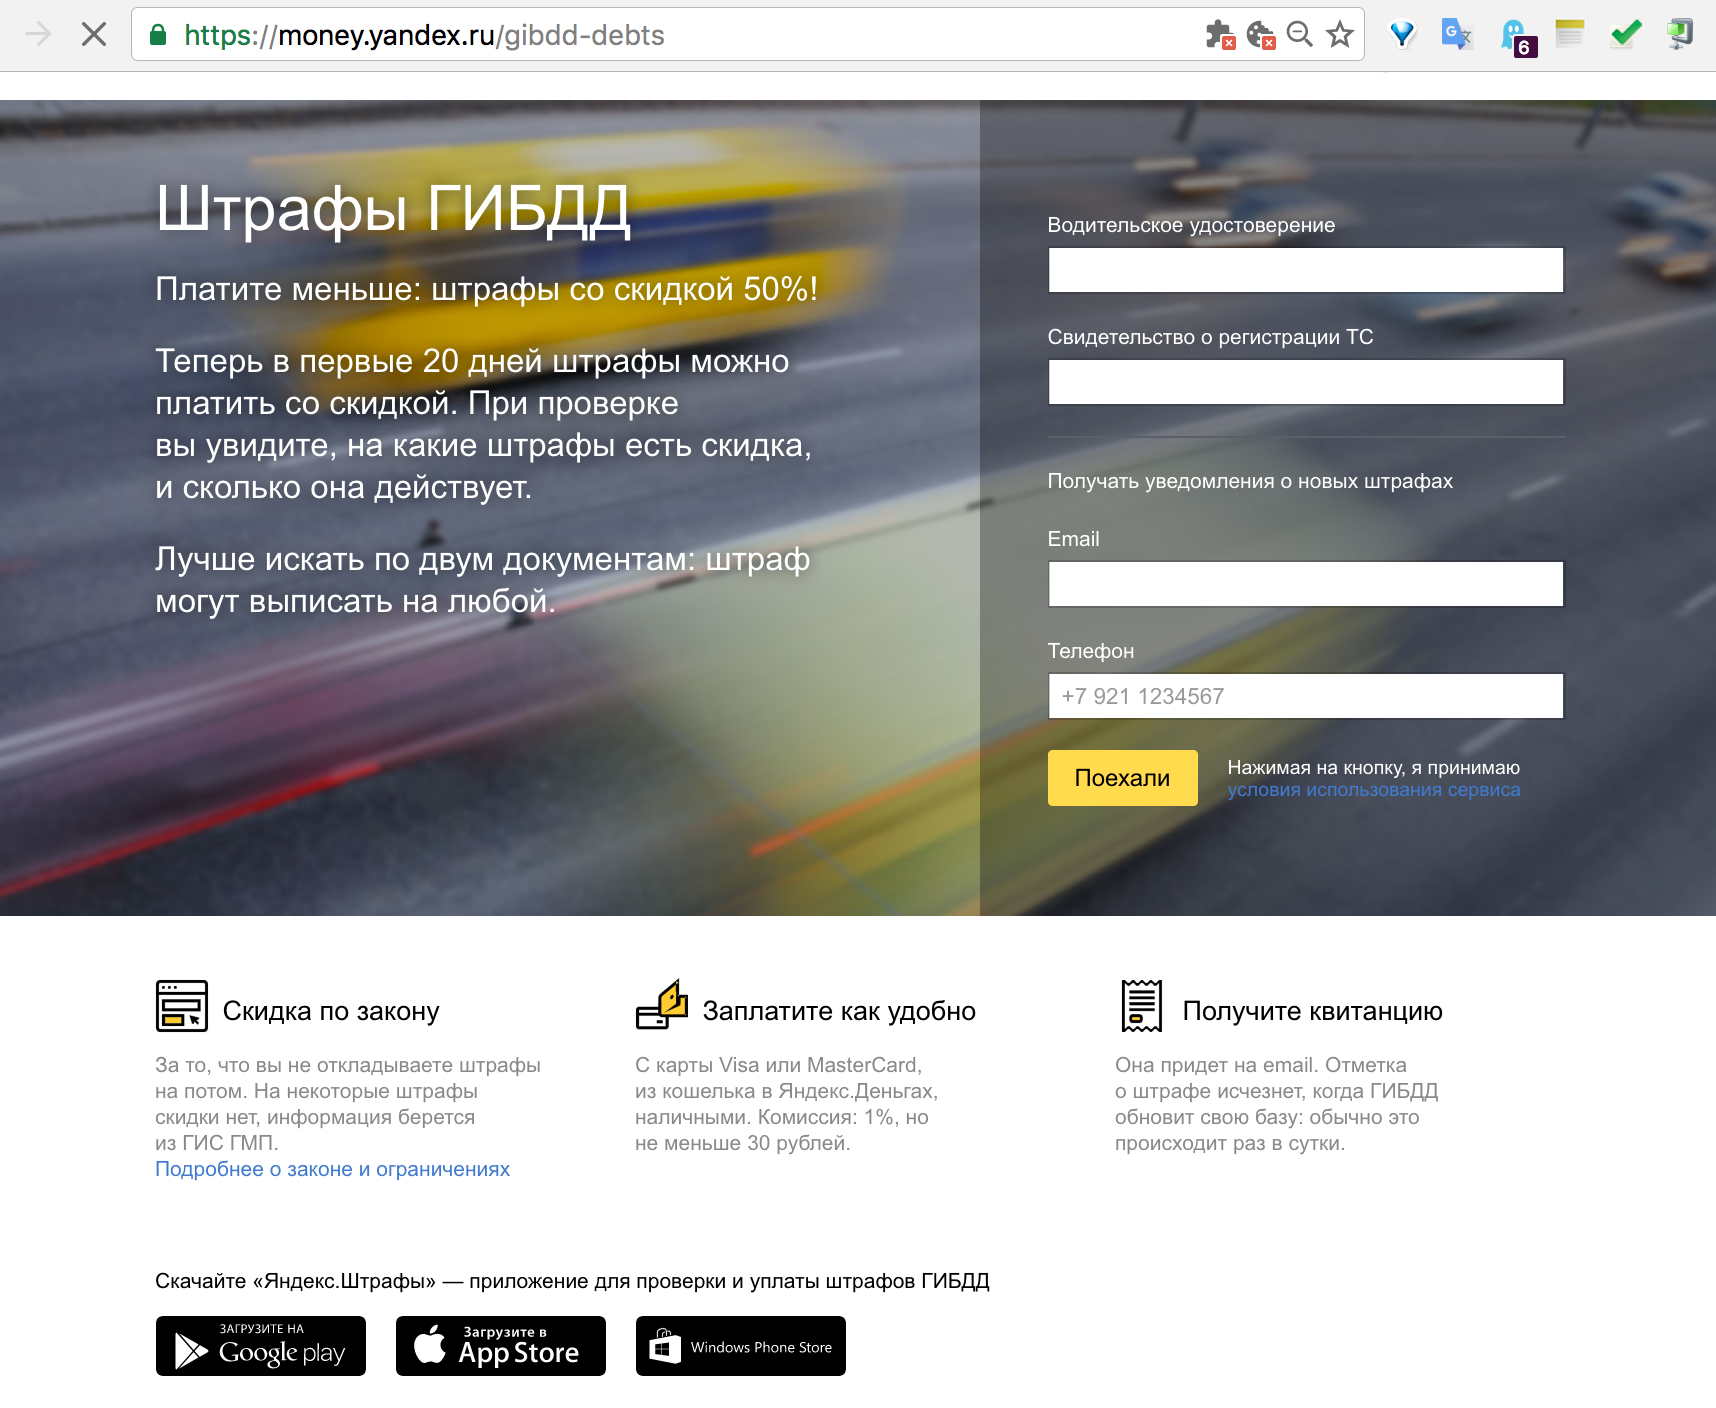 Рис.6. Страница«Яндекс.Штрафы» в веб.